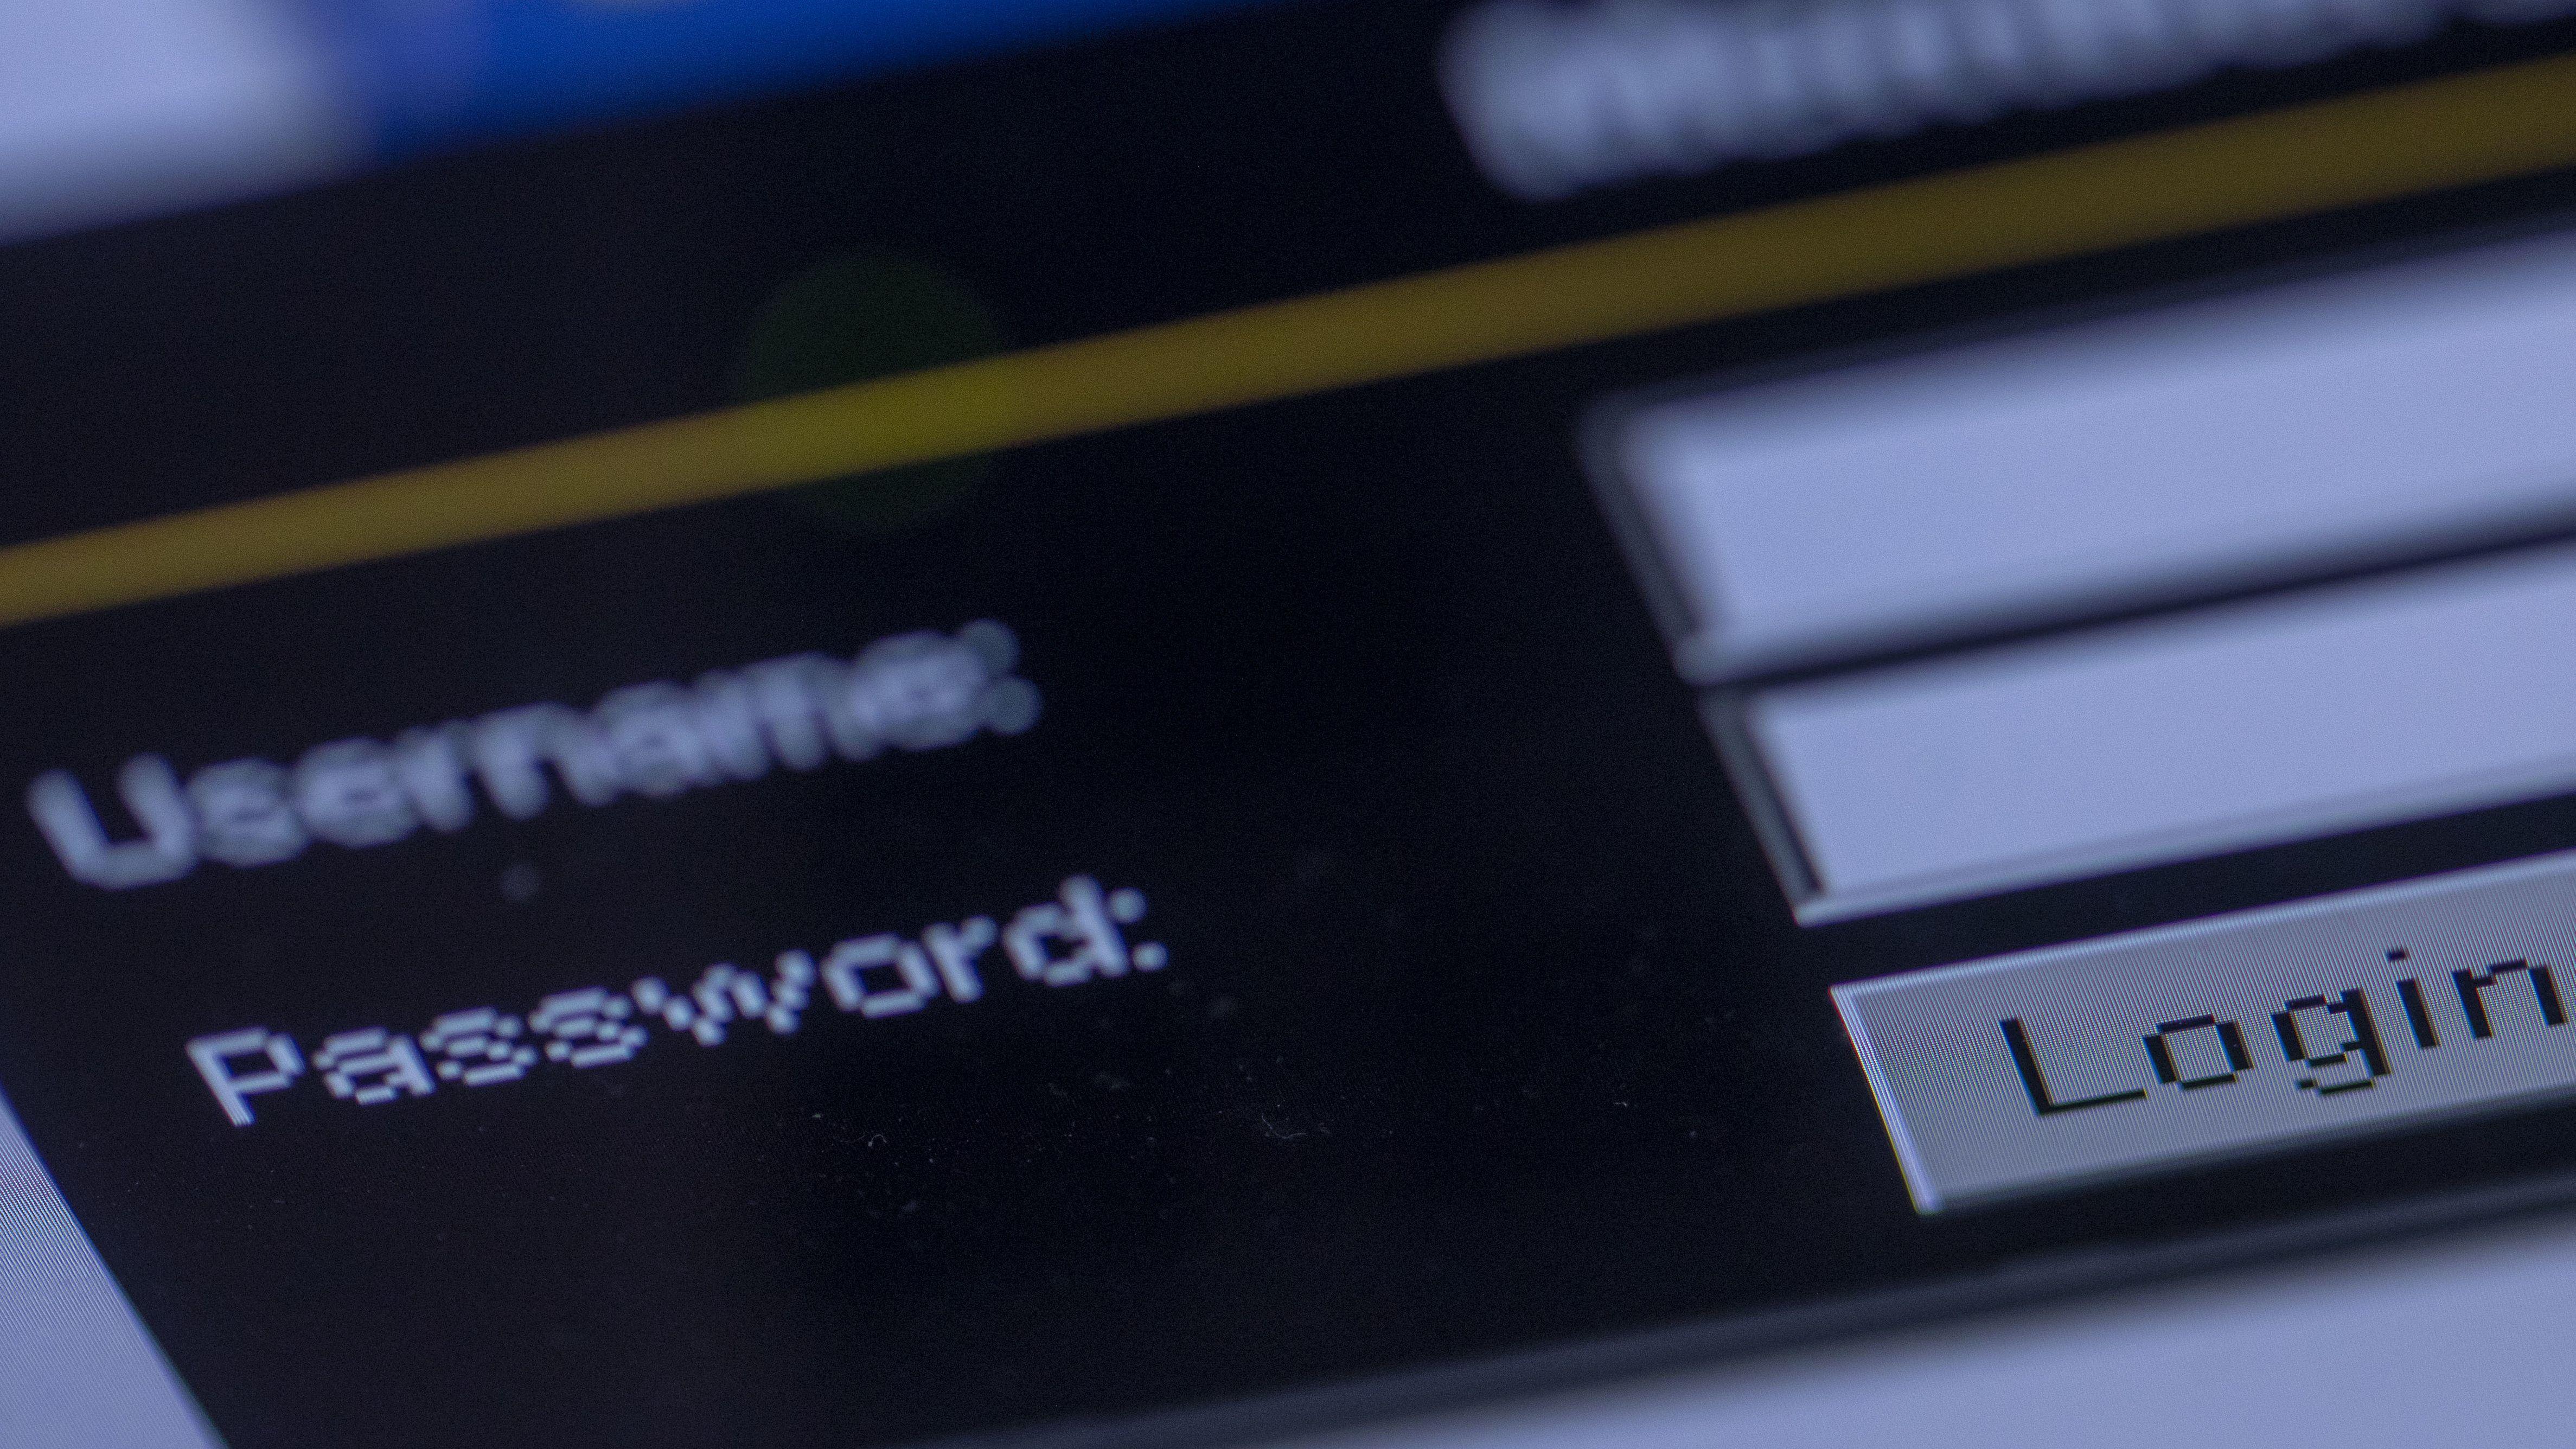 Wann wollen Behörden künftig Zugriff auf Passwörter beantragen?